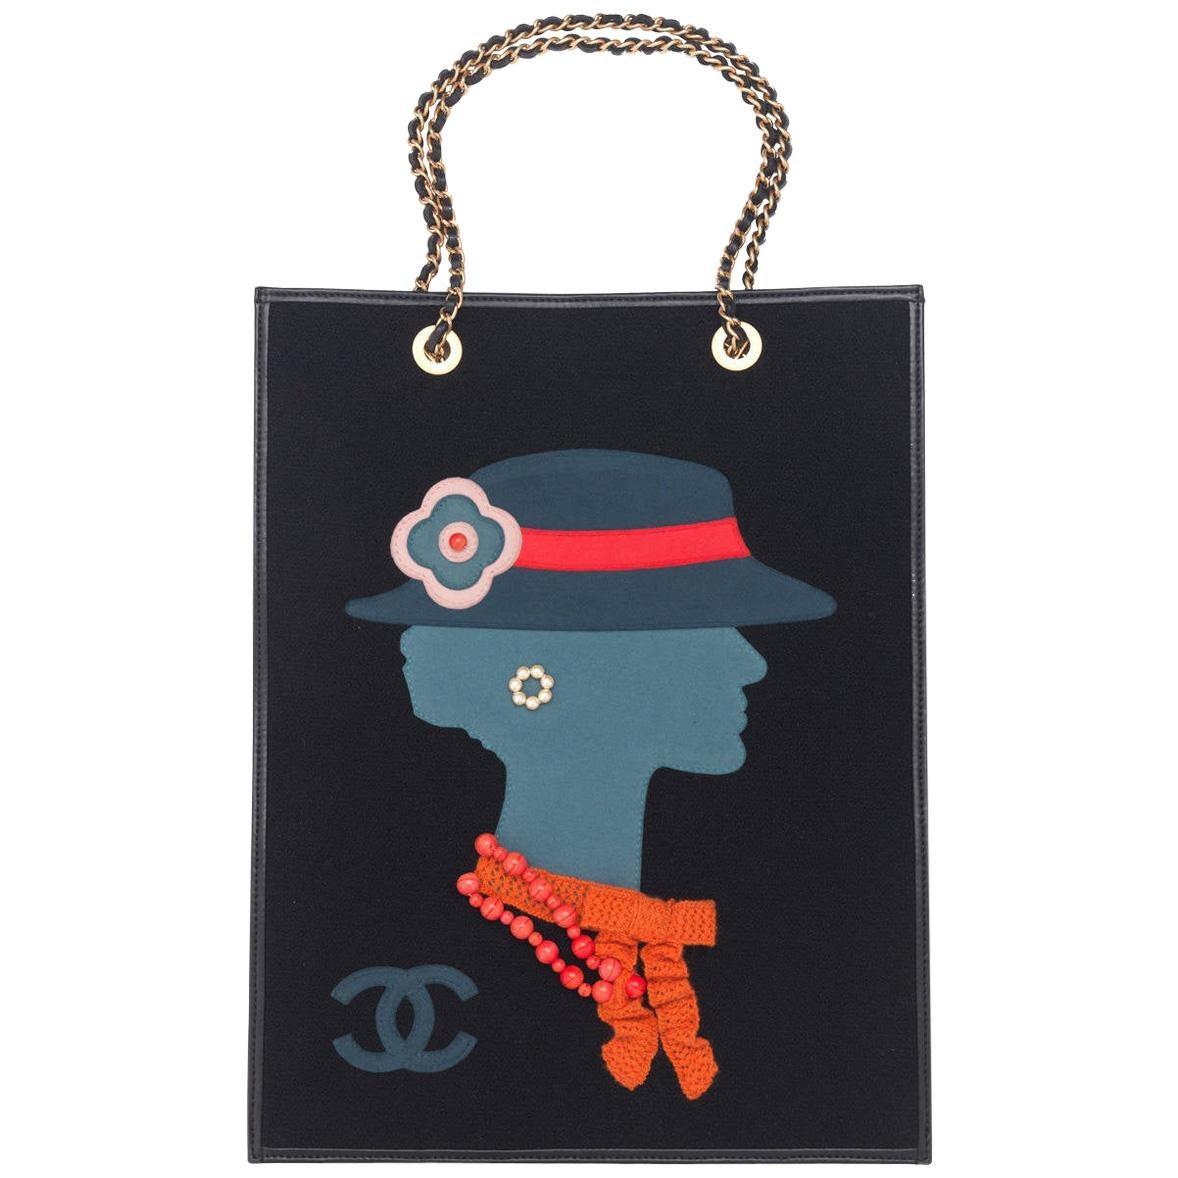 """Vintage Chanel """"Coco"""" Lady Shopper Tote Handbag"""